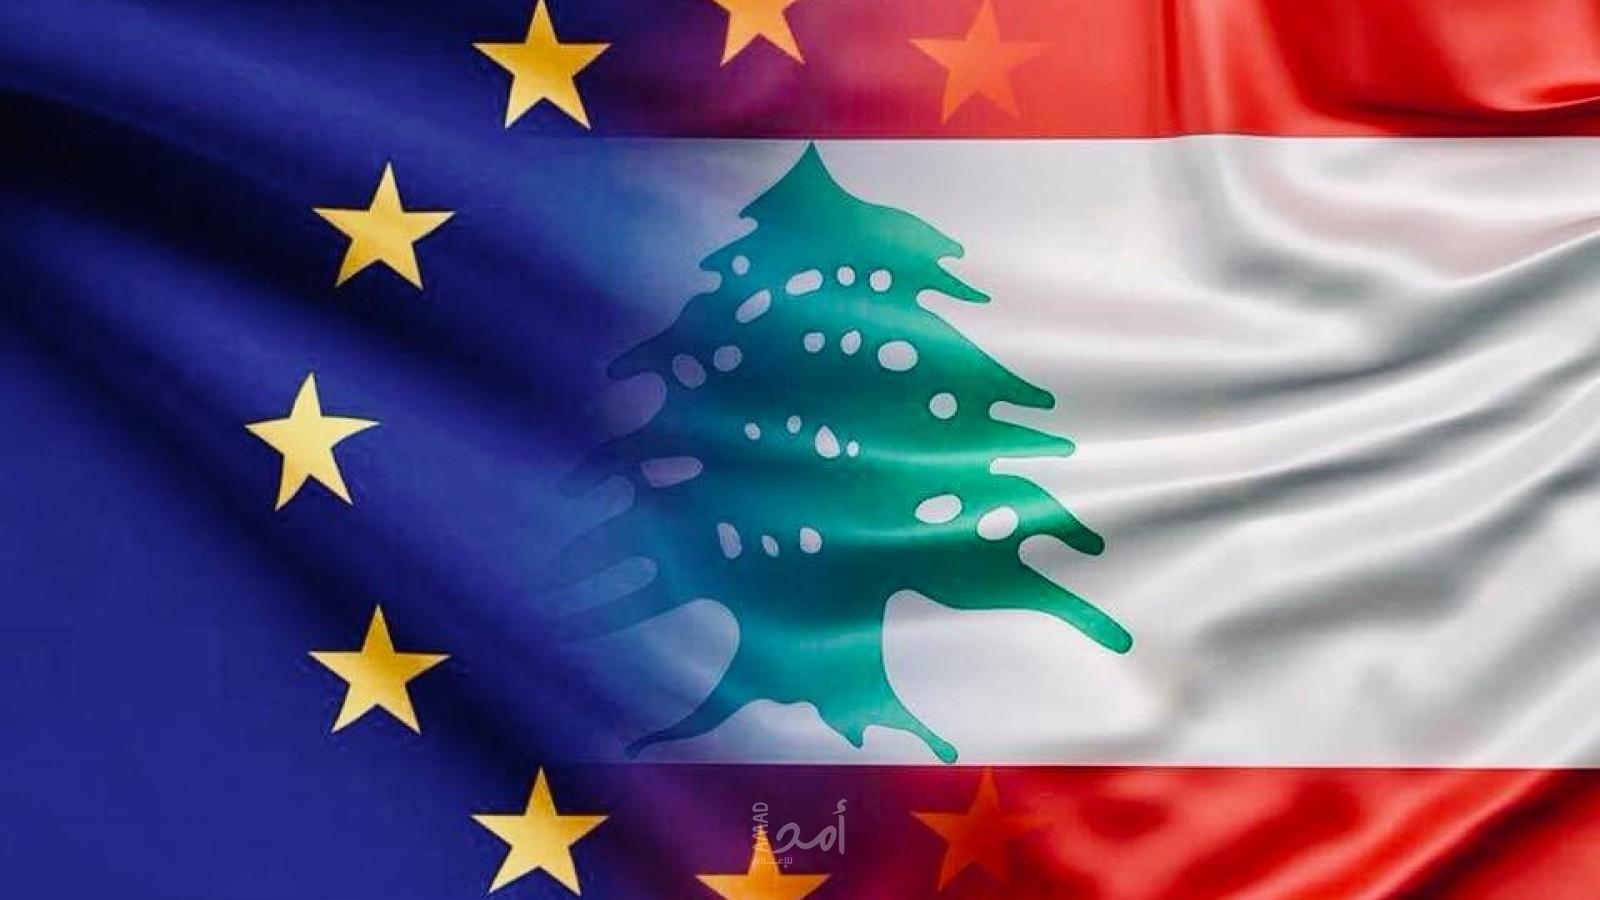 """الاتحاد الأوروبي يقر إطار عقوبات بشأن لبنان يسمح بمحاسبة """"مقوضي الديمقراطية"""""""